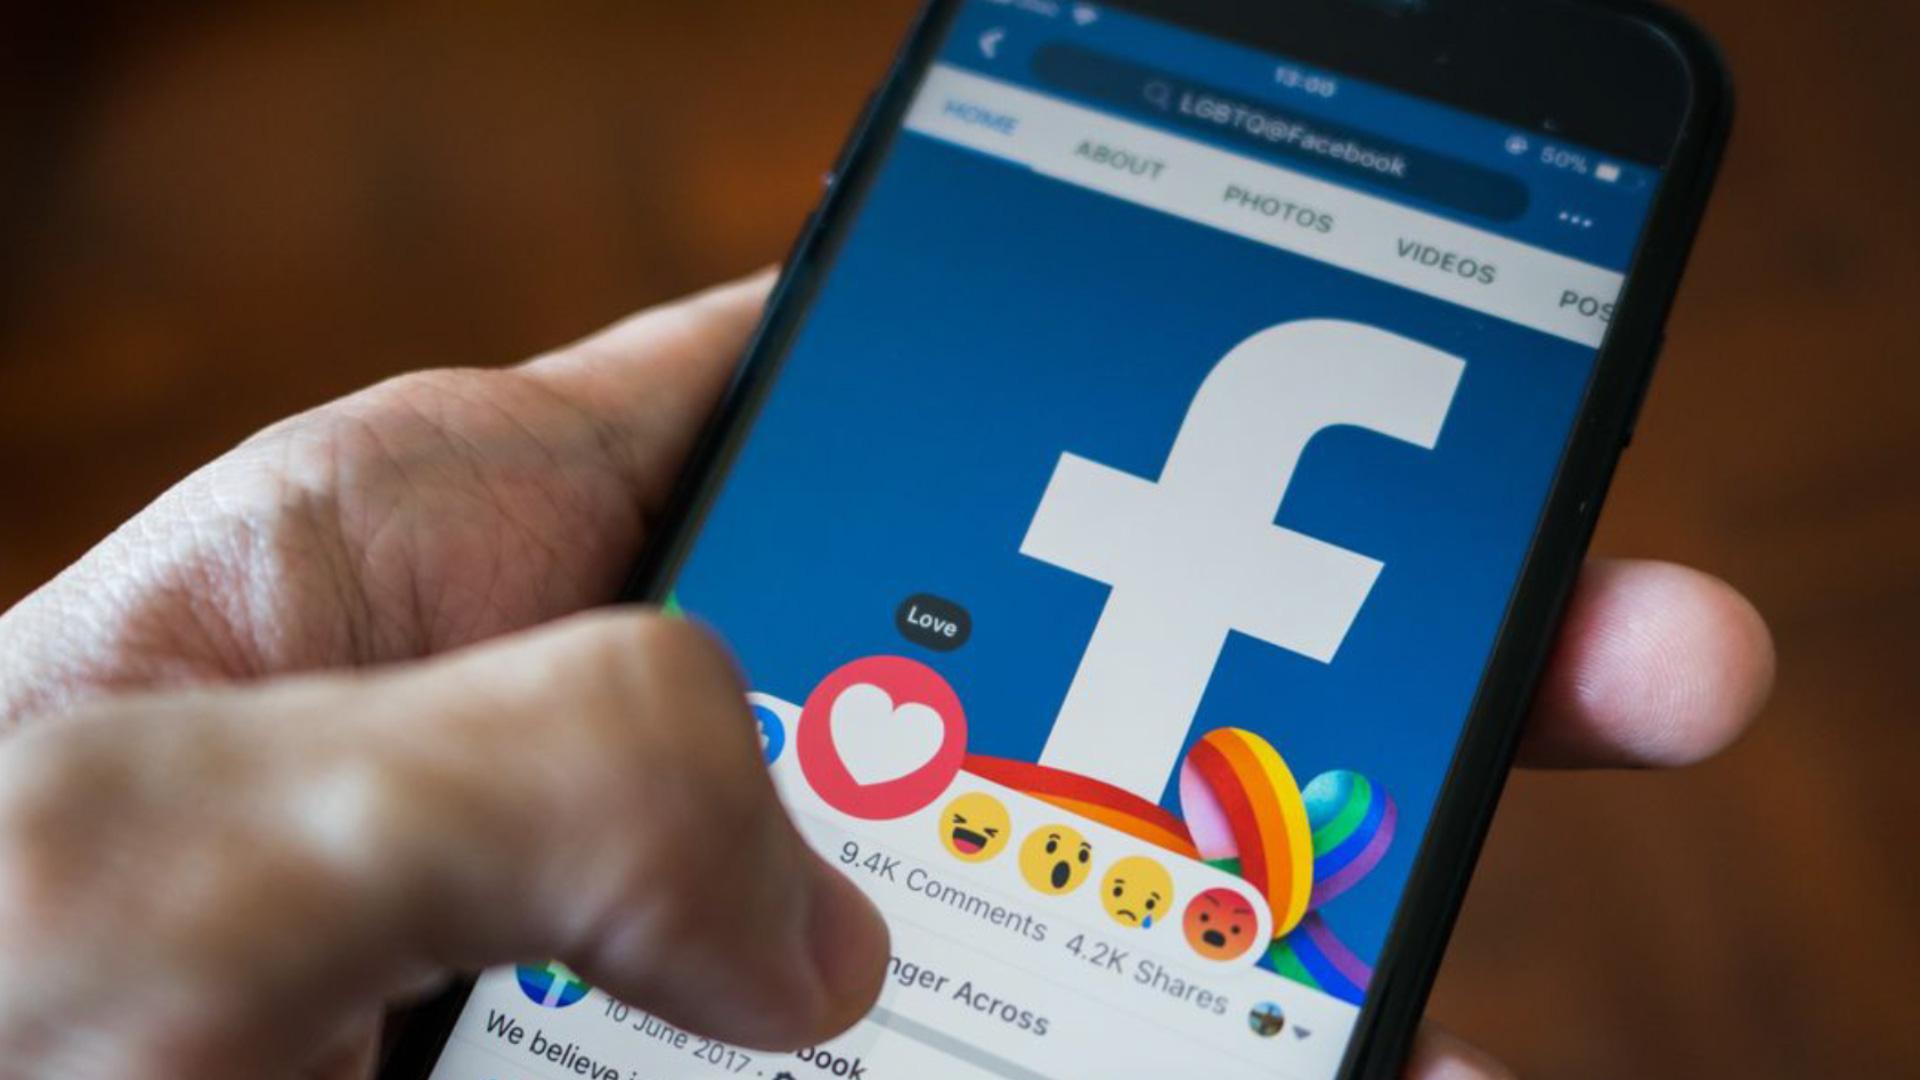 Chuyện gì đang xảy ra với cư dân mạng Úc sau lệnh cấm của Facebook?   Công  nghệ   Thanh Niên